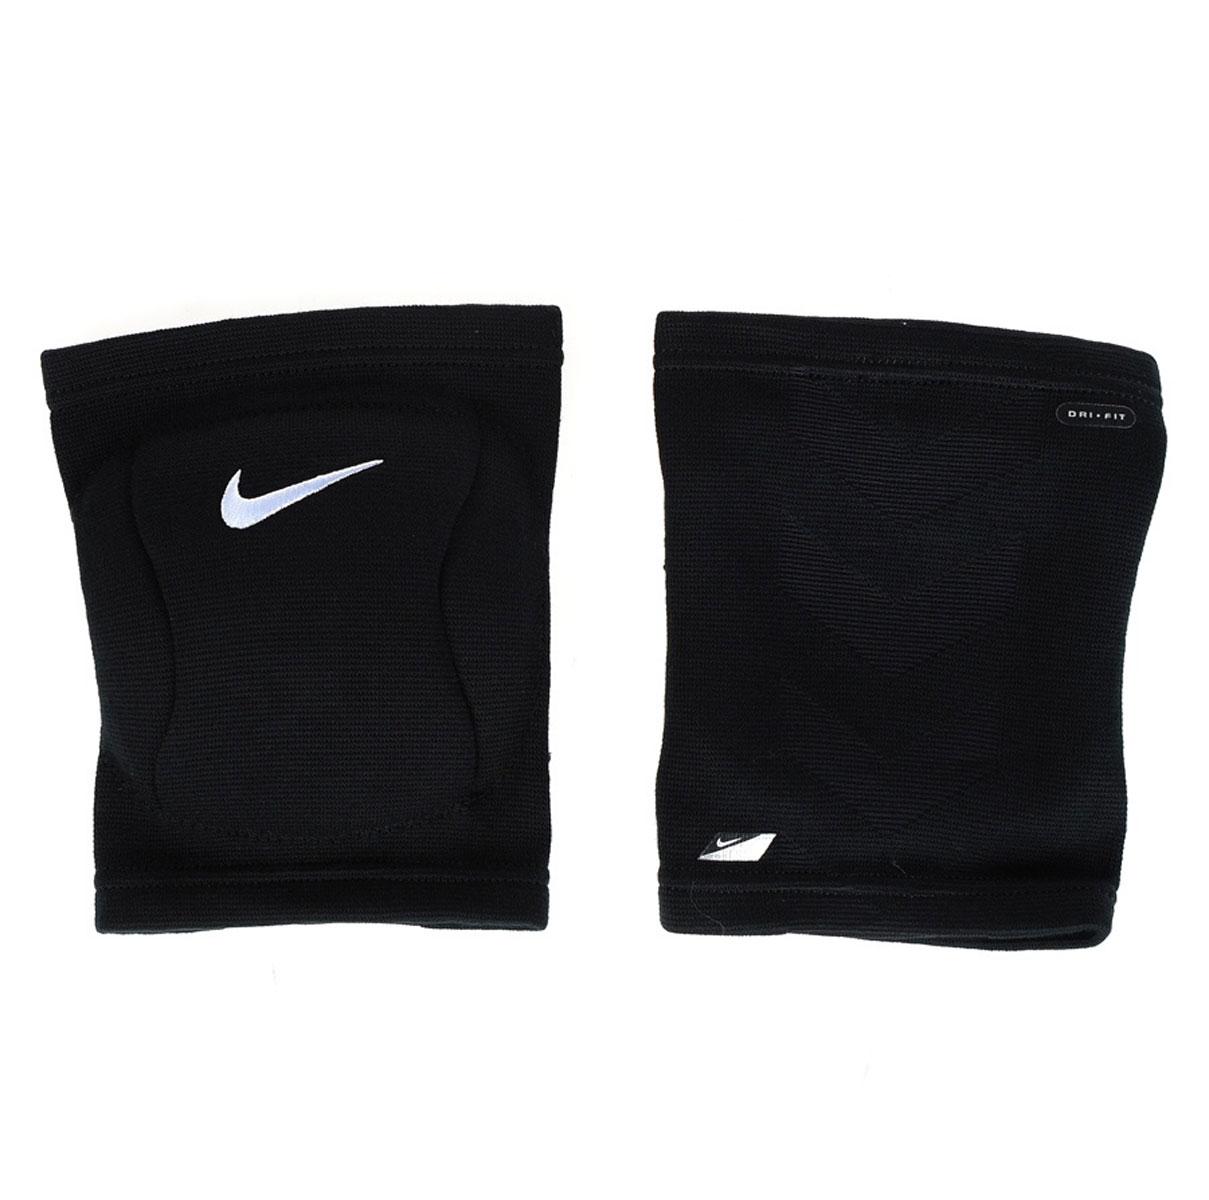 Наколенник Nike, цвет: черный. Размер L/XLAIRWHEEL M3-162.8Наколенник Nike для волейбола выполнен из высококачественного материала. В составе - вспененная резина, не натирают, комфортно сидят на ноге. С внутренней стороны - мягкая подкладка. Не стесняет движения. Очень легкие и плотно обтягивают ногу.